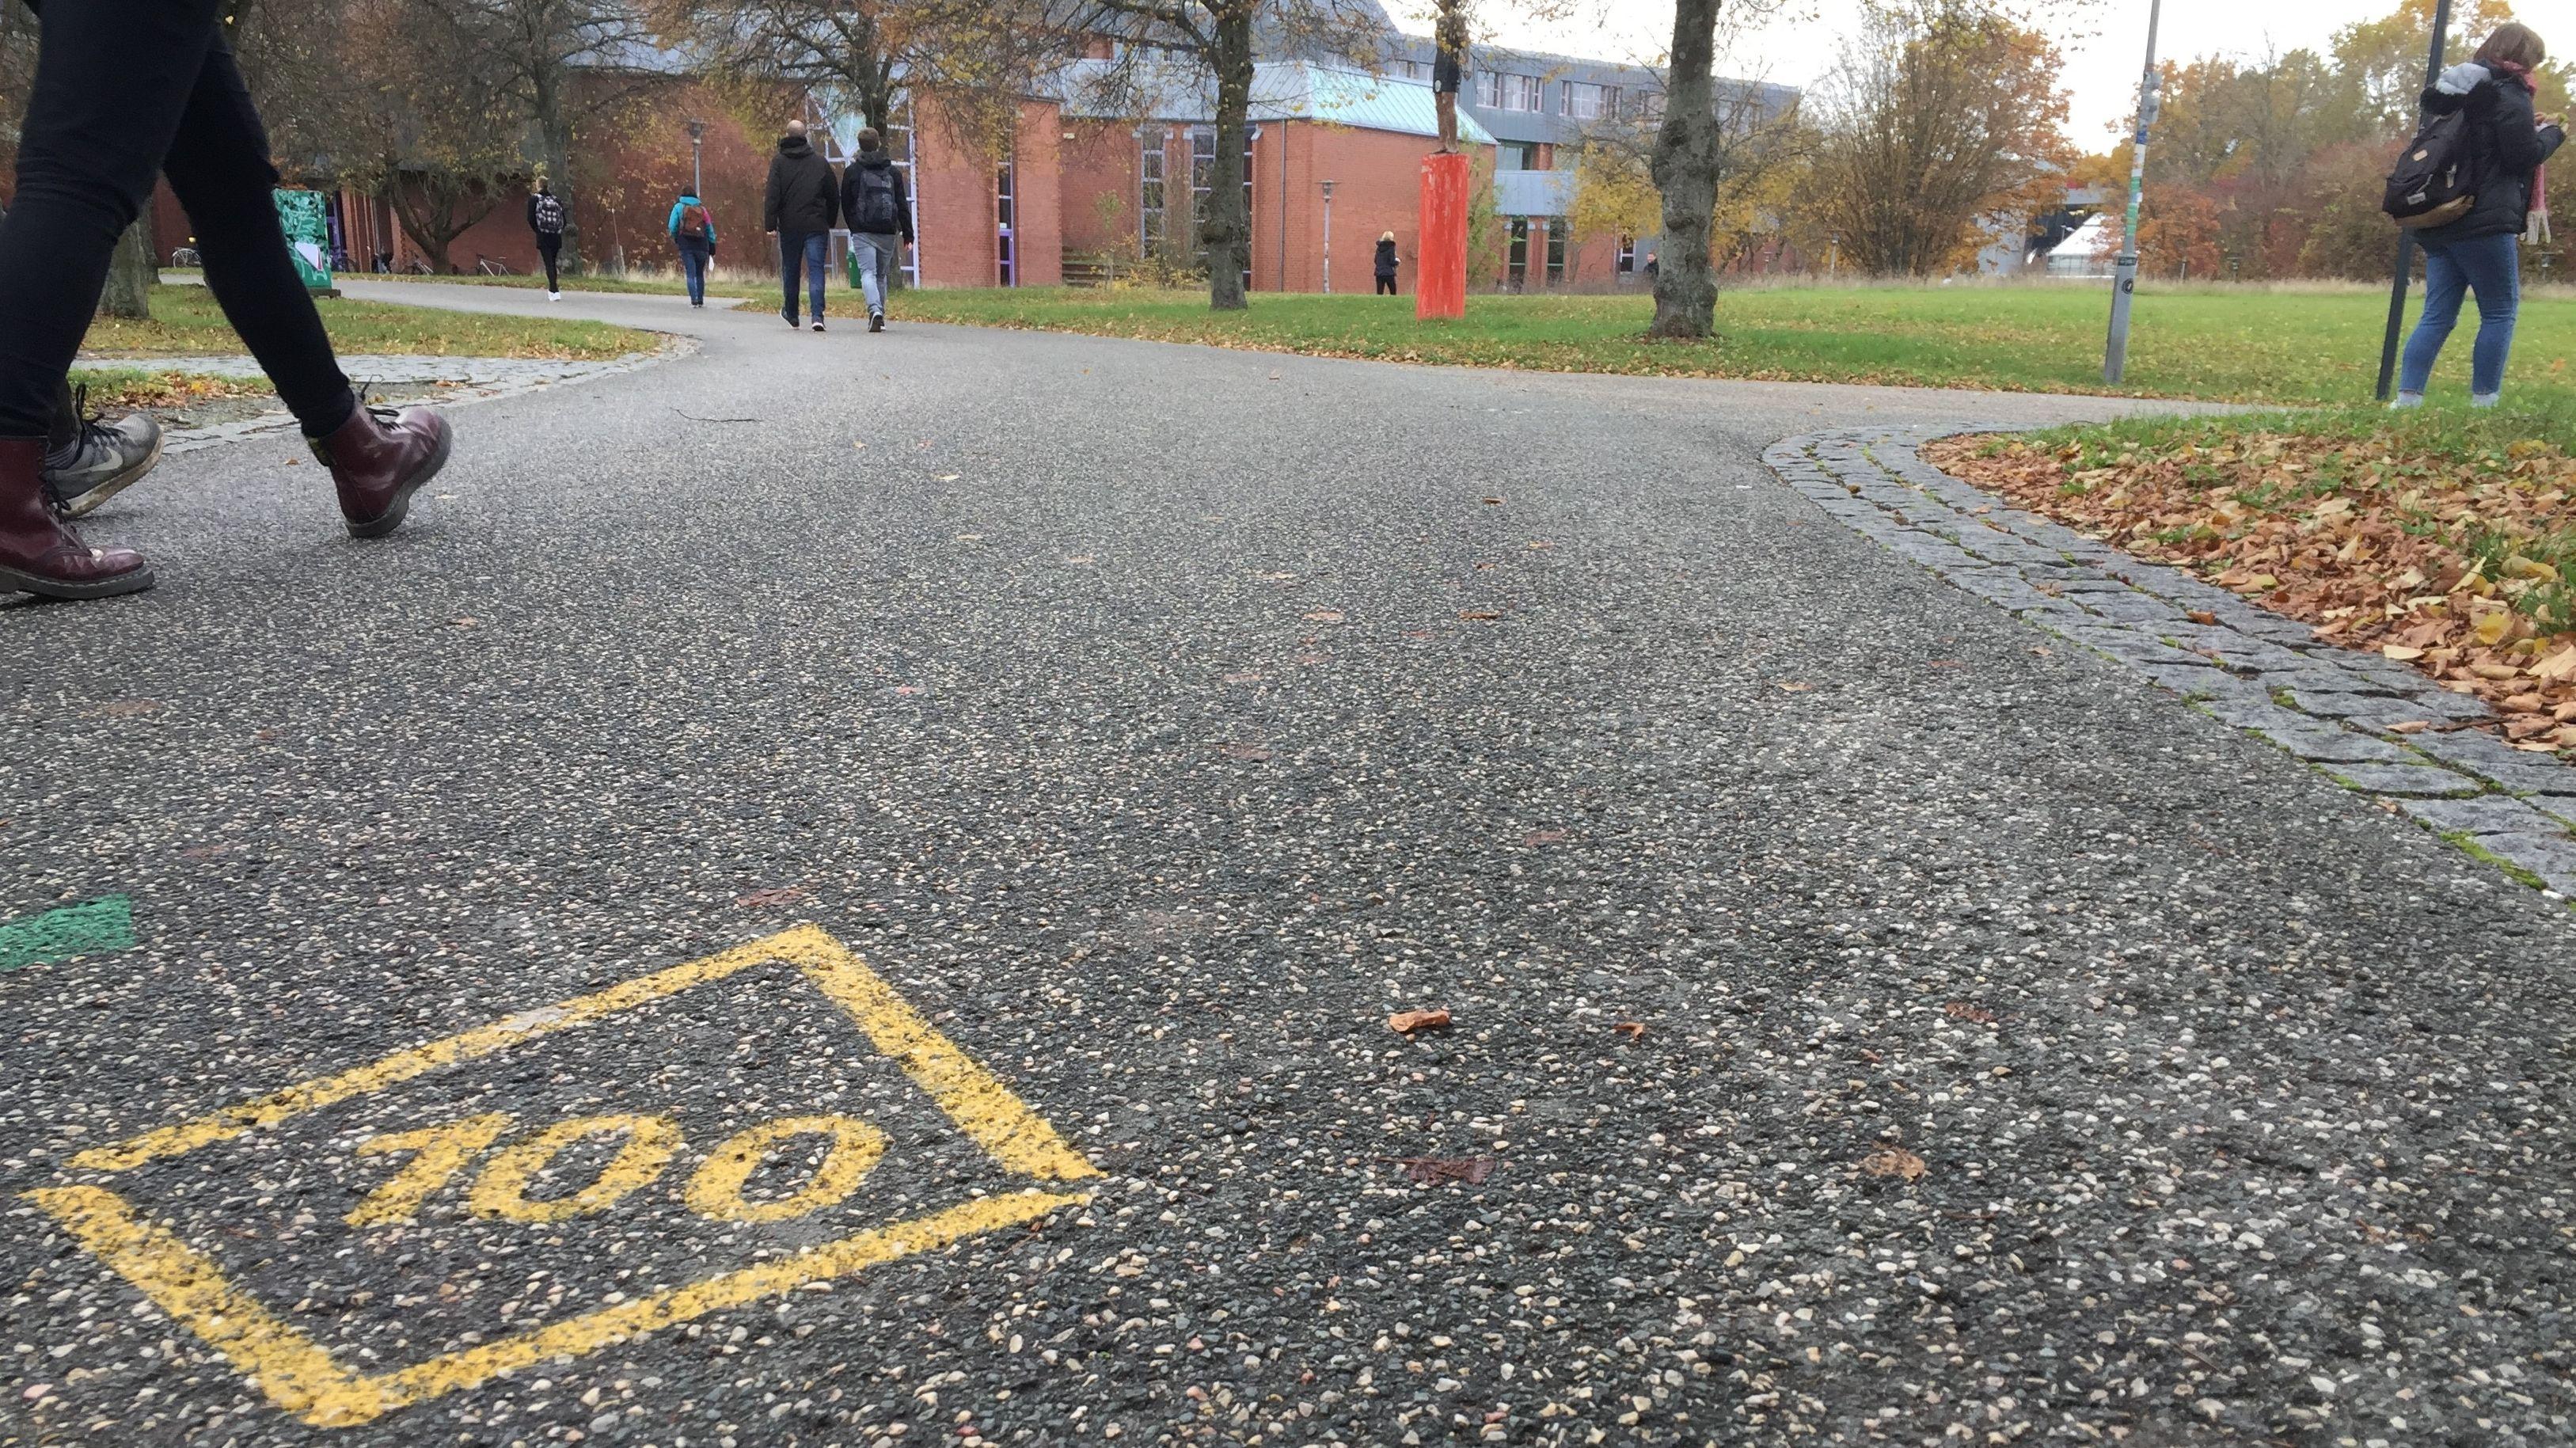 Die Zahl Hundert ist in gelber Schrift auf einem geteerten Weg zur Uni Bayreuth gezeichnet.